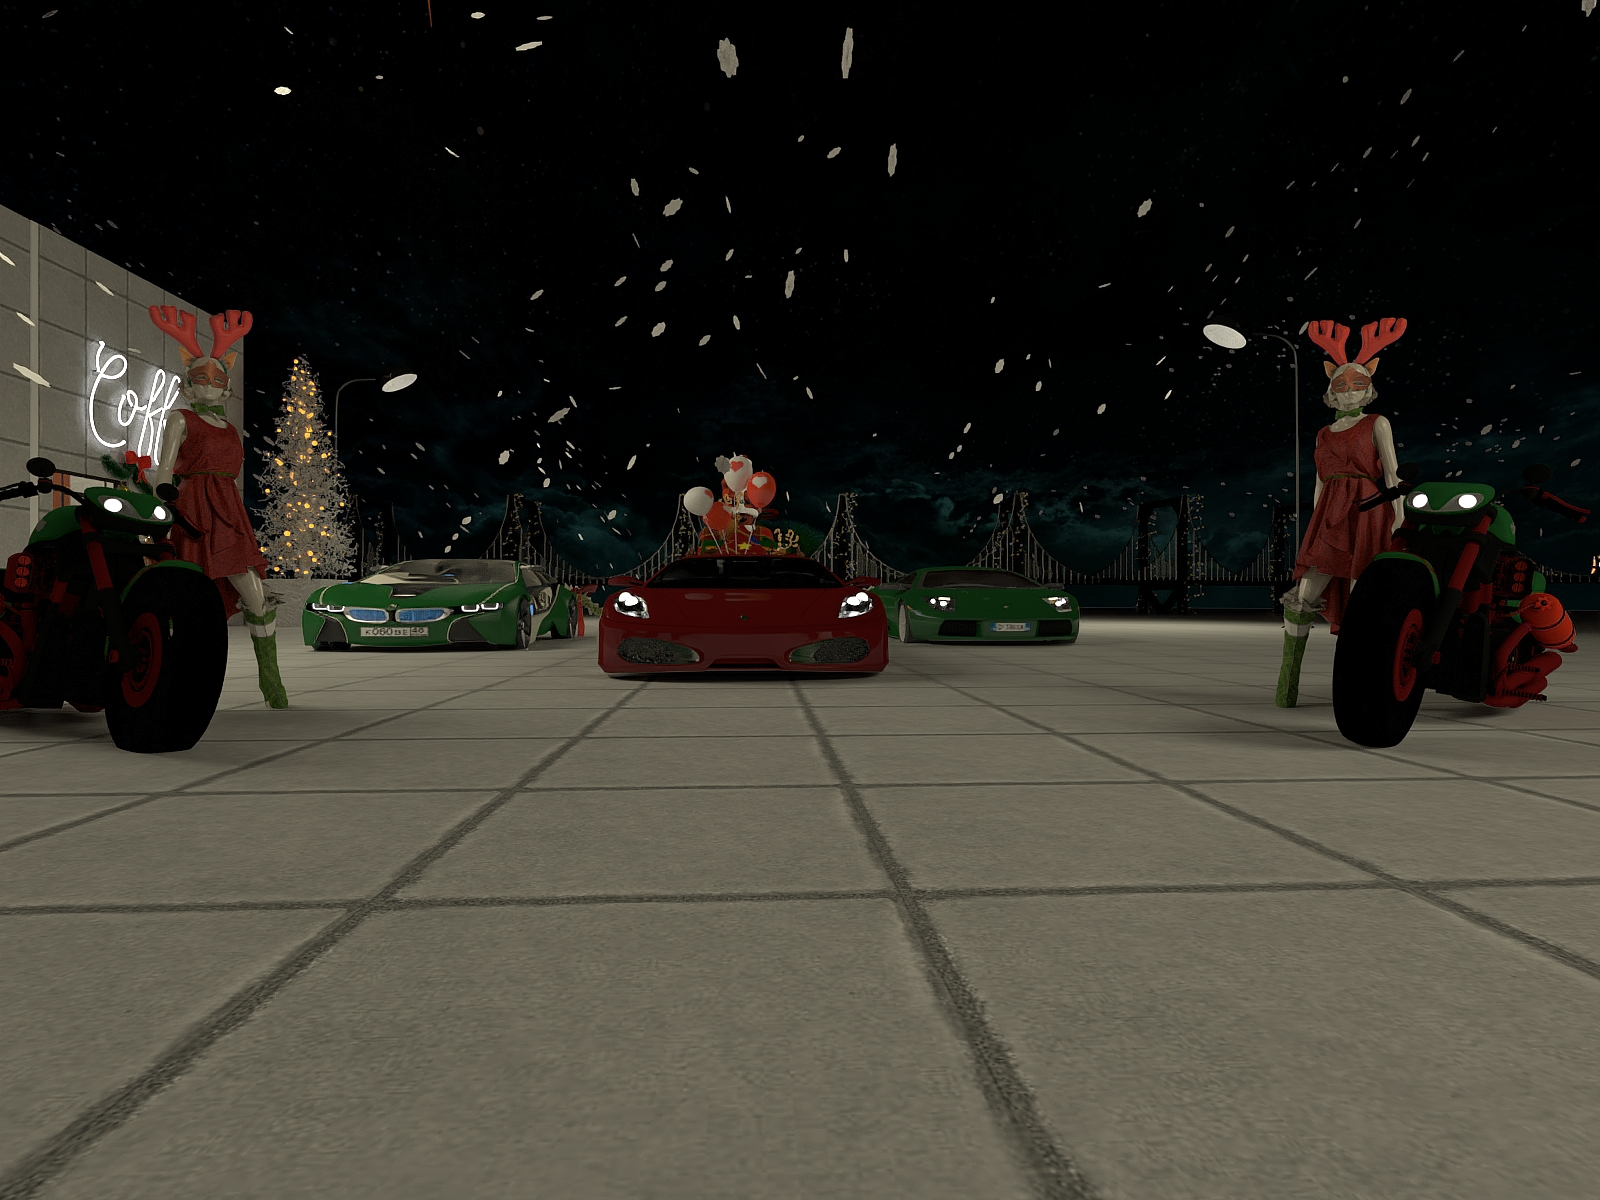 【拯救圣诞老人大作战】圣诞老人哭了,谁来帮帮他